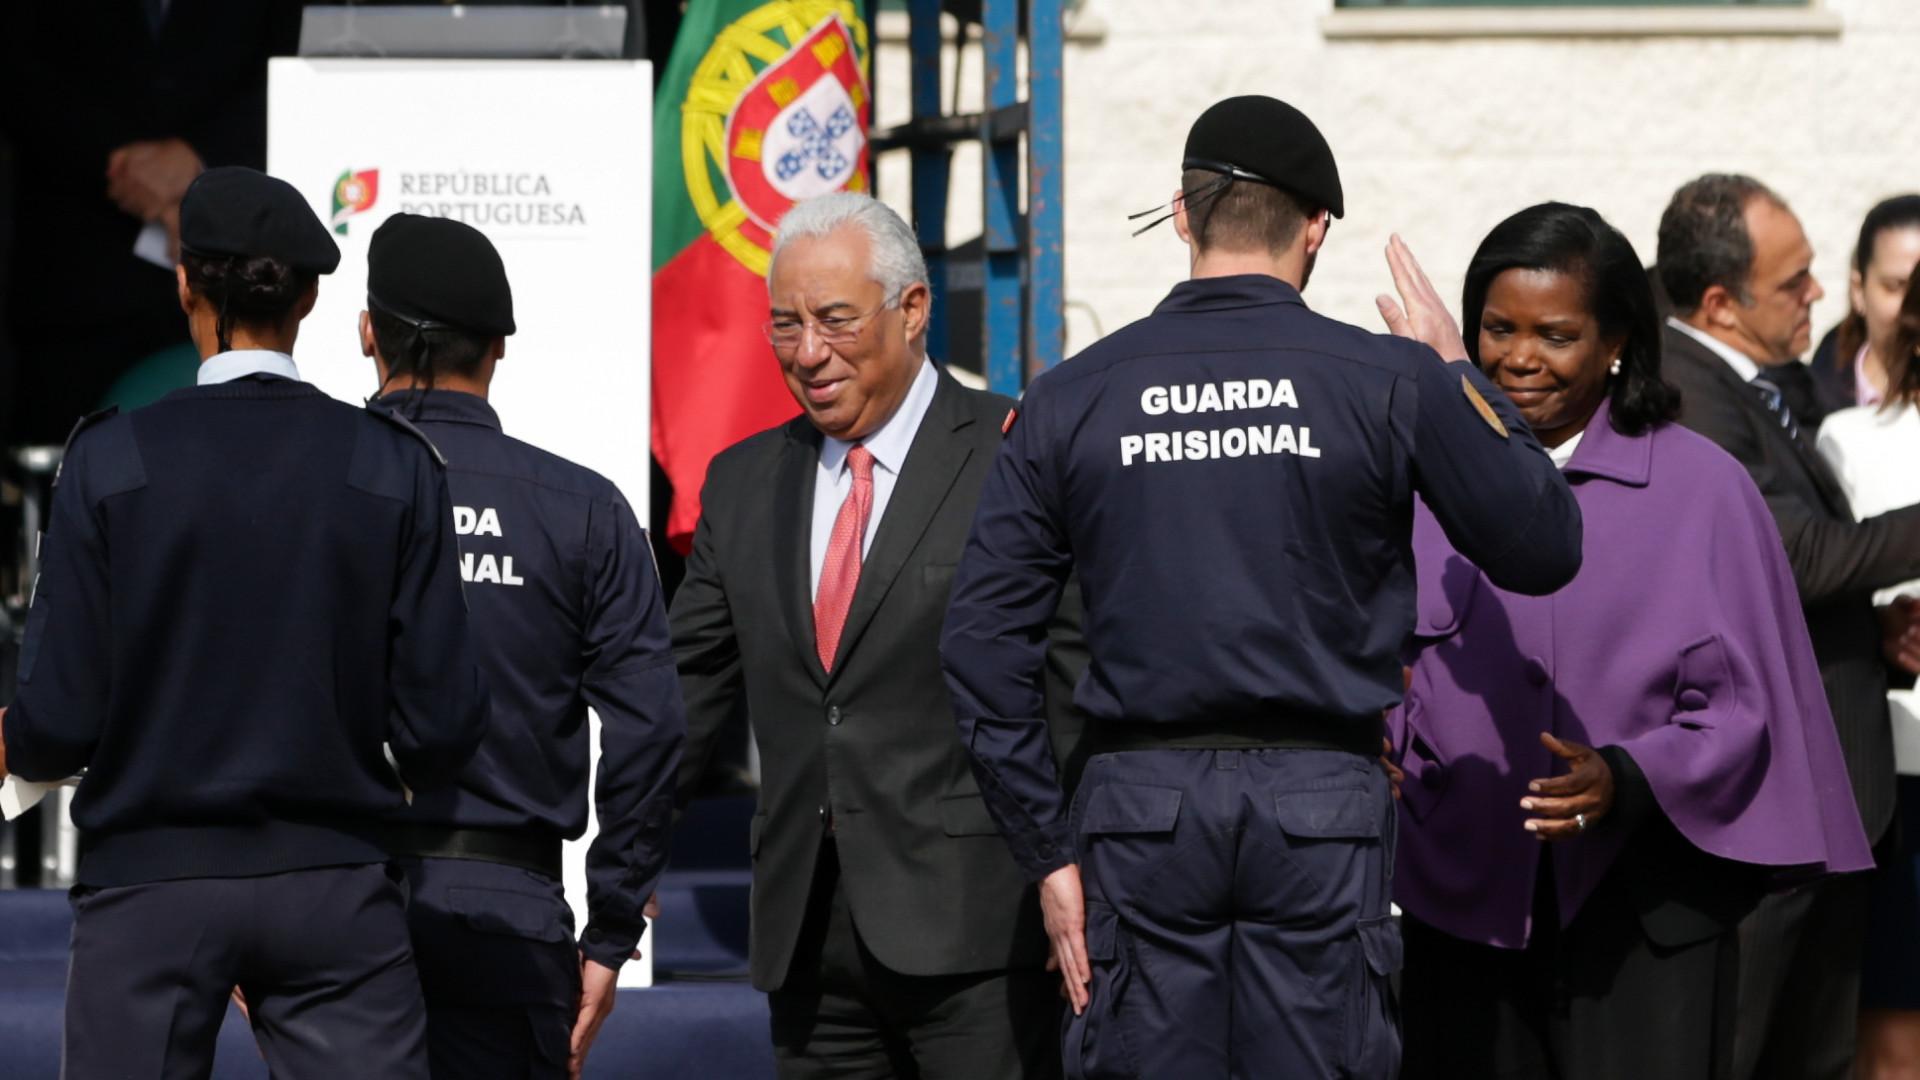 """Ministra confiante que """"crispação"""" no sector prisional vai acabar"""